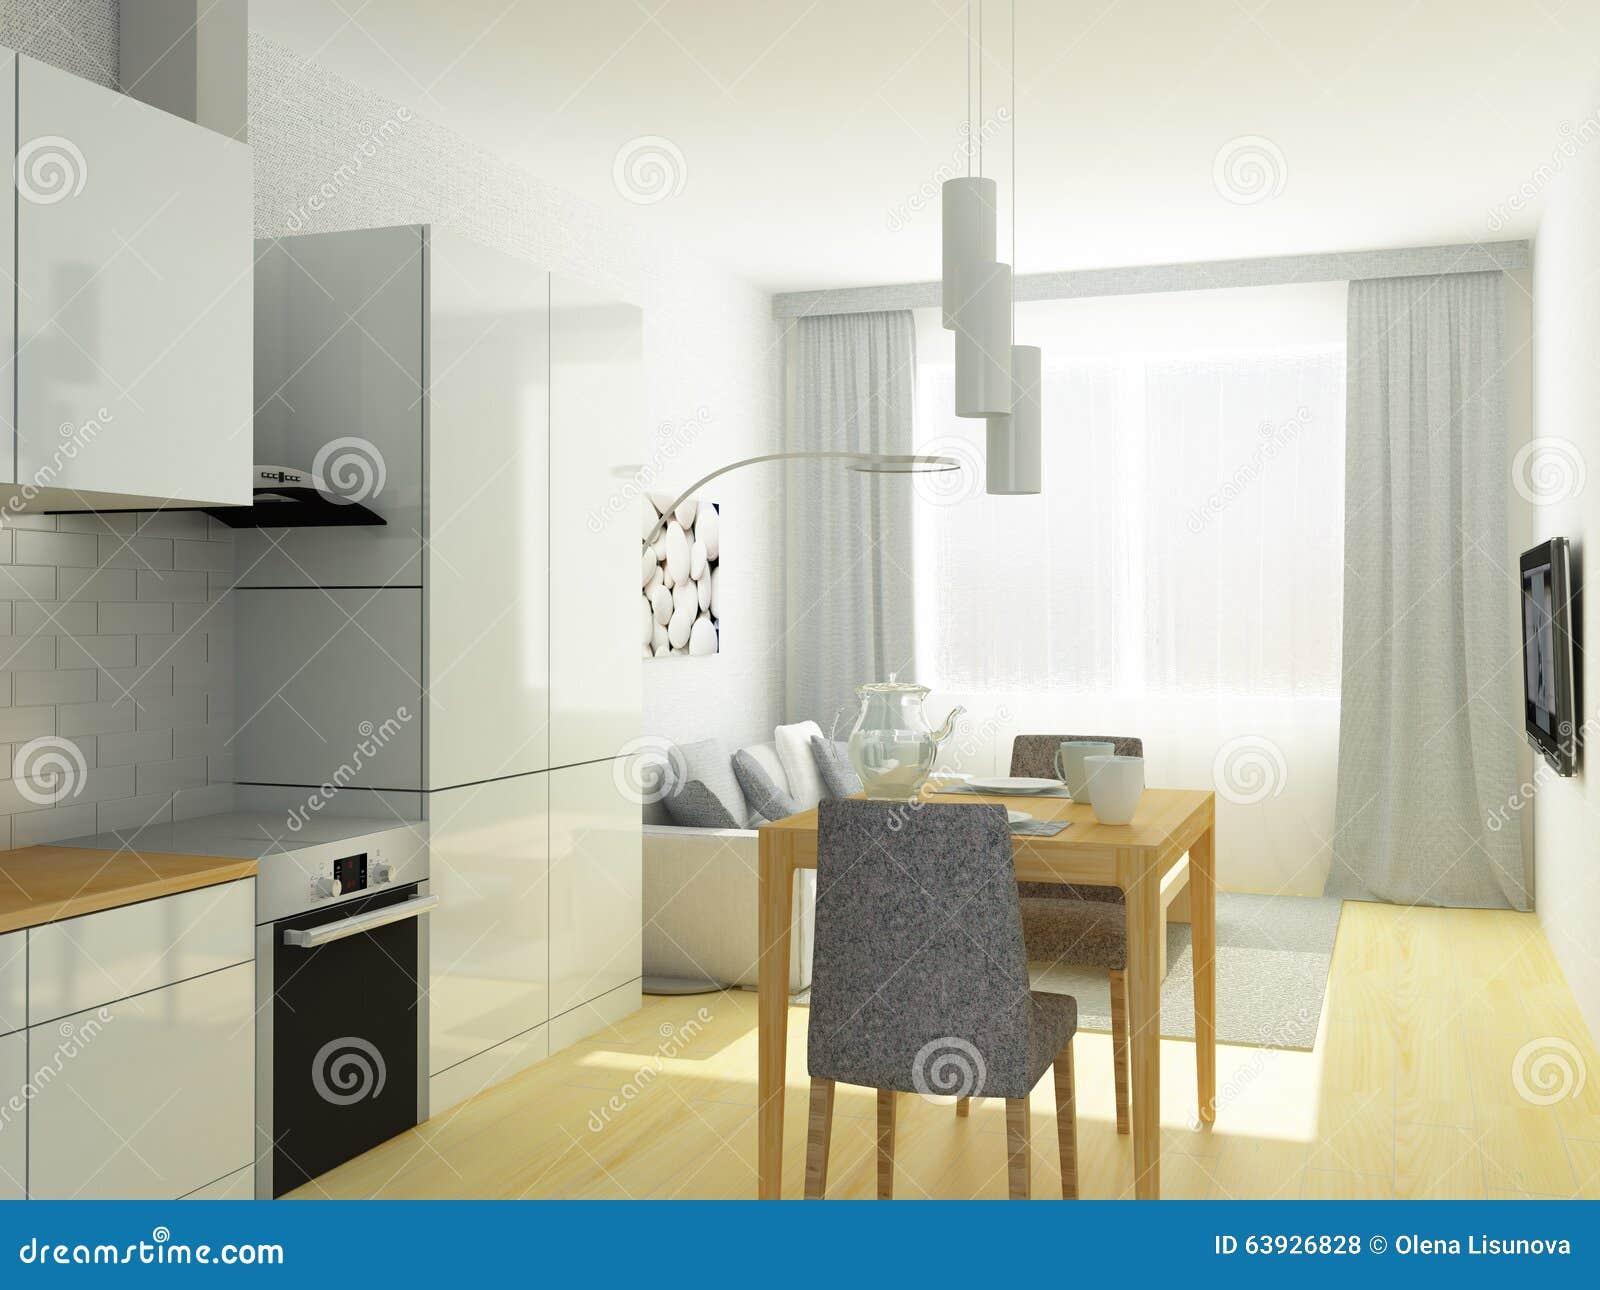 Download Kleine Ebene, Studioraum, Küche Und Wohnzimmer In Den Hellgrauen  Farben Stock Abbildung